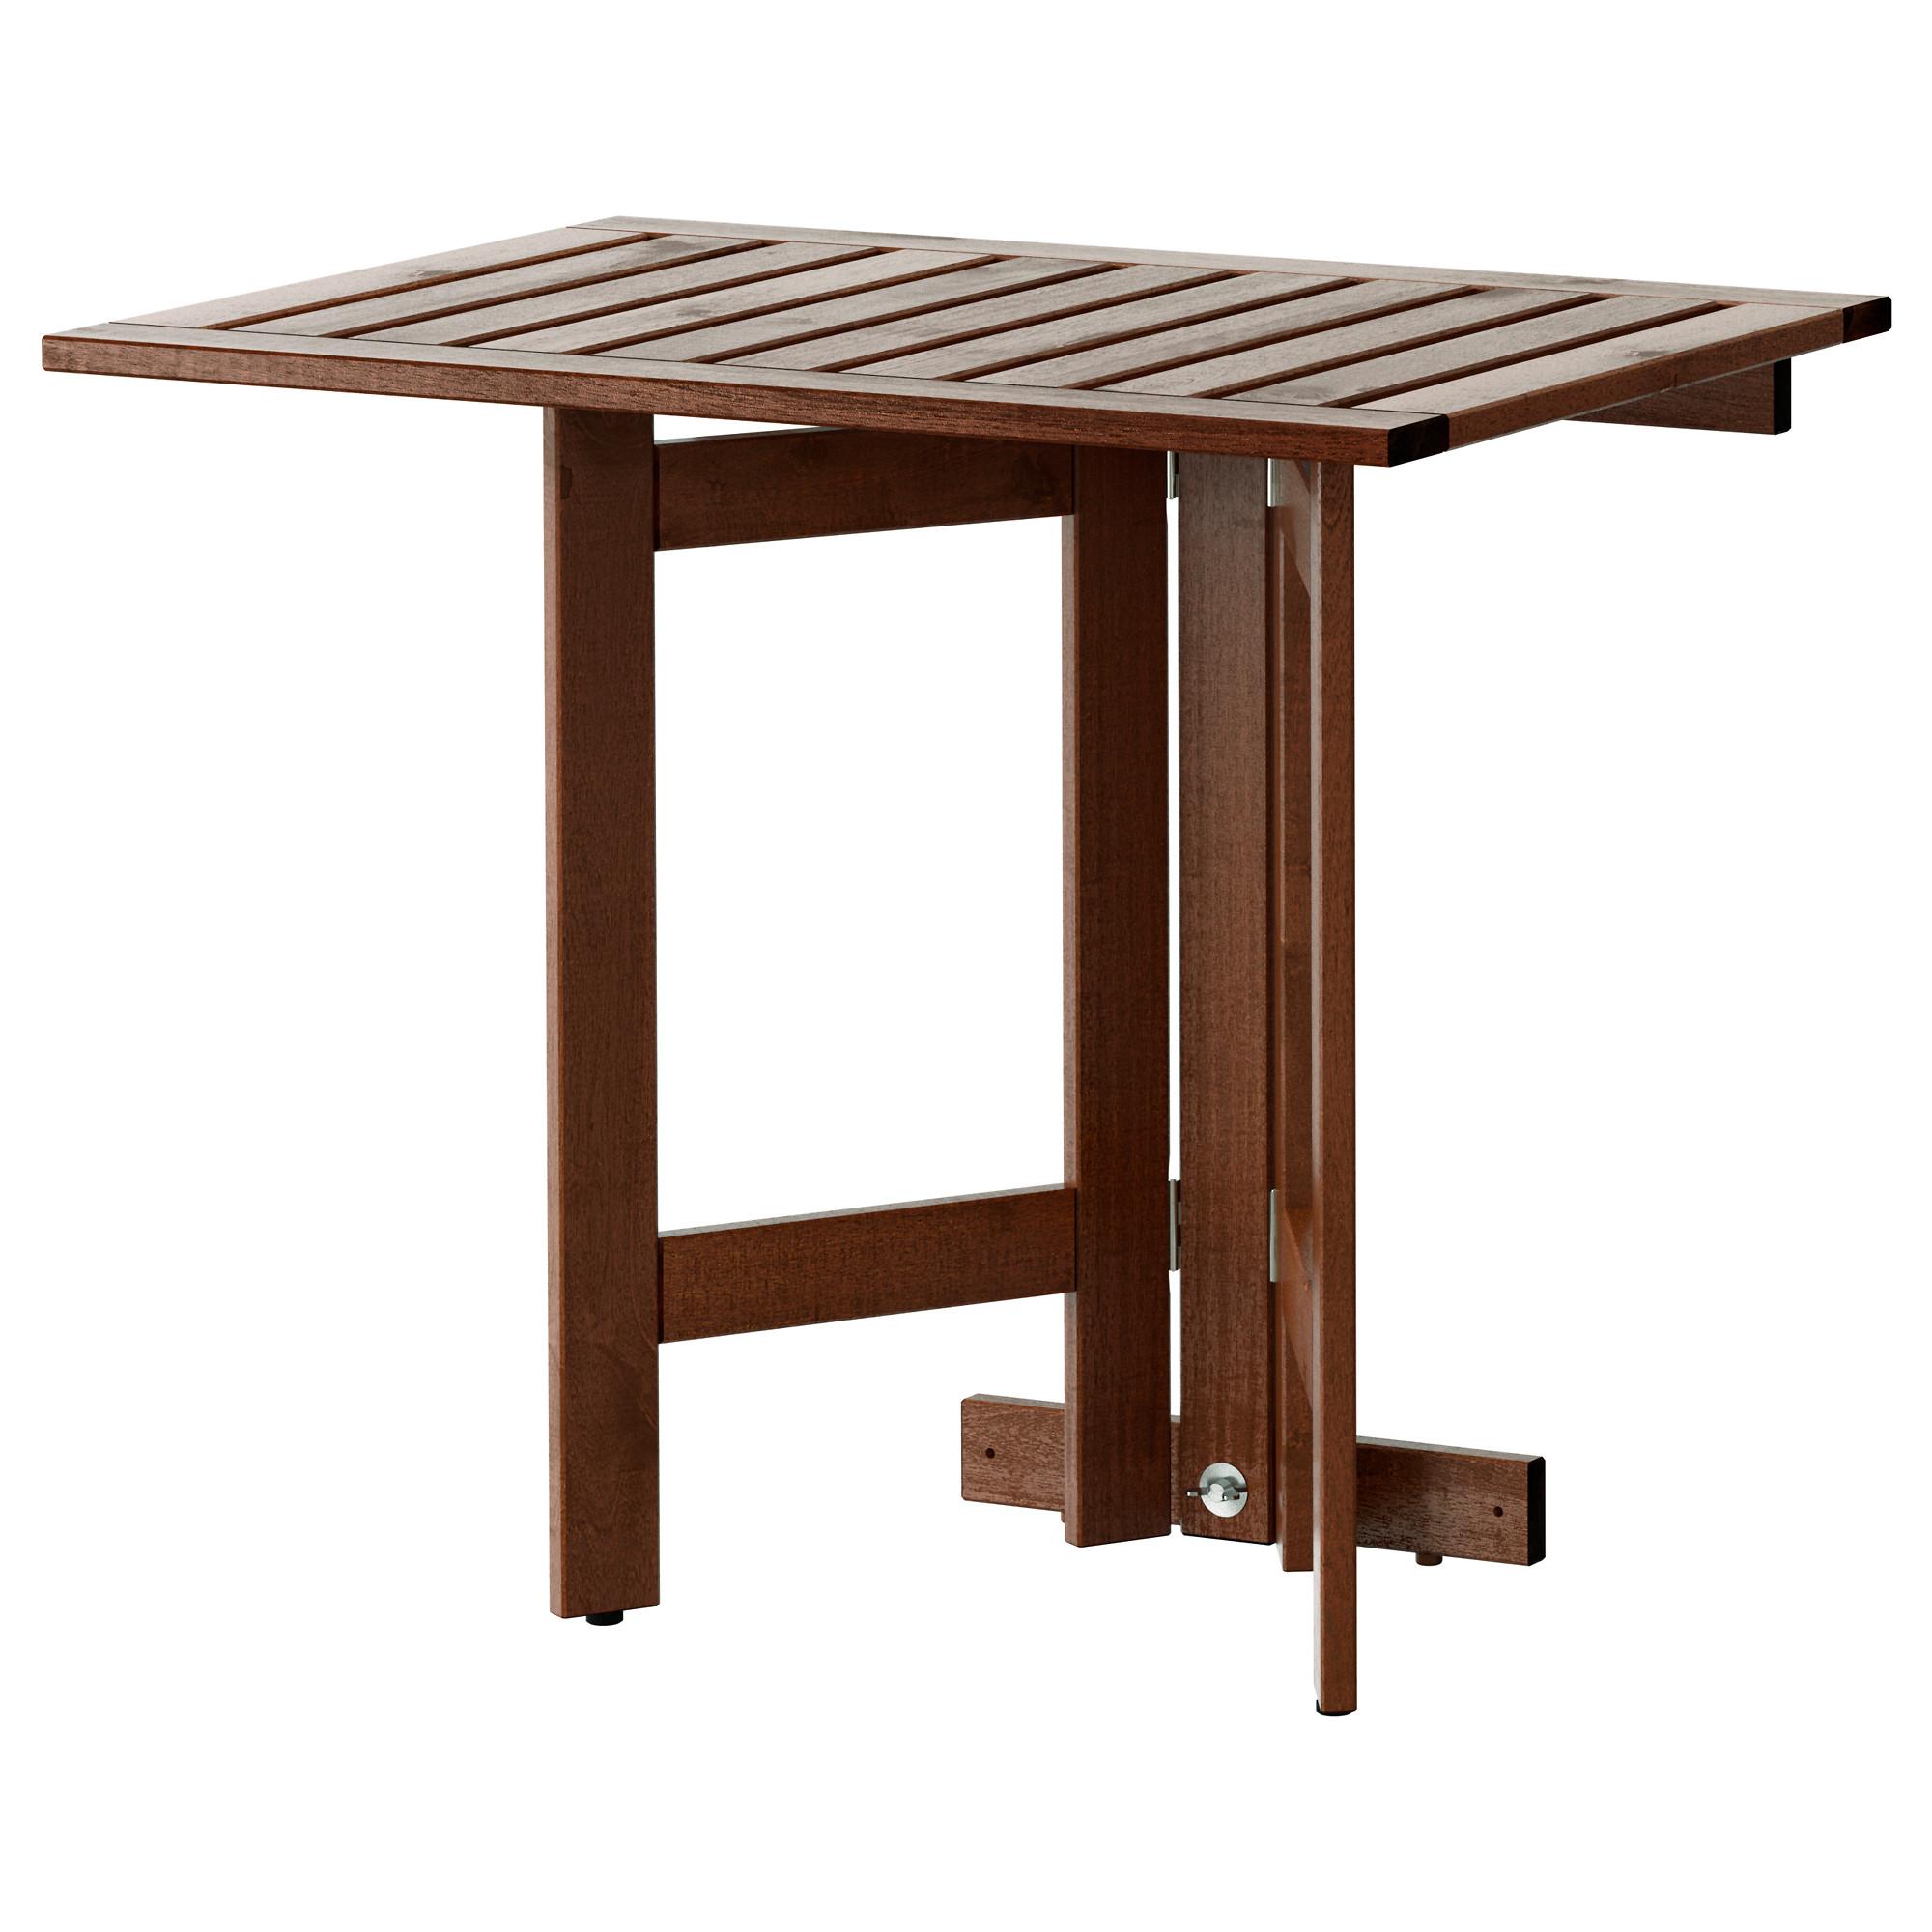 Купить складной стол, стенной крепеж, для сада эпларо, ко....